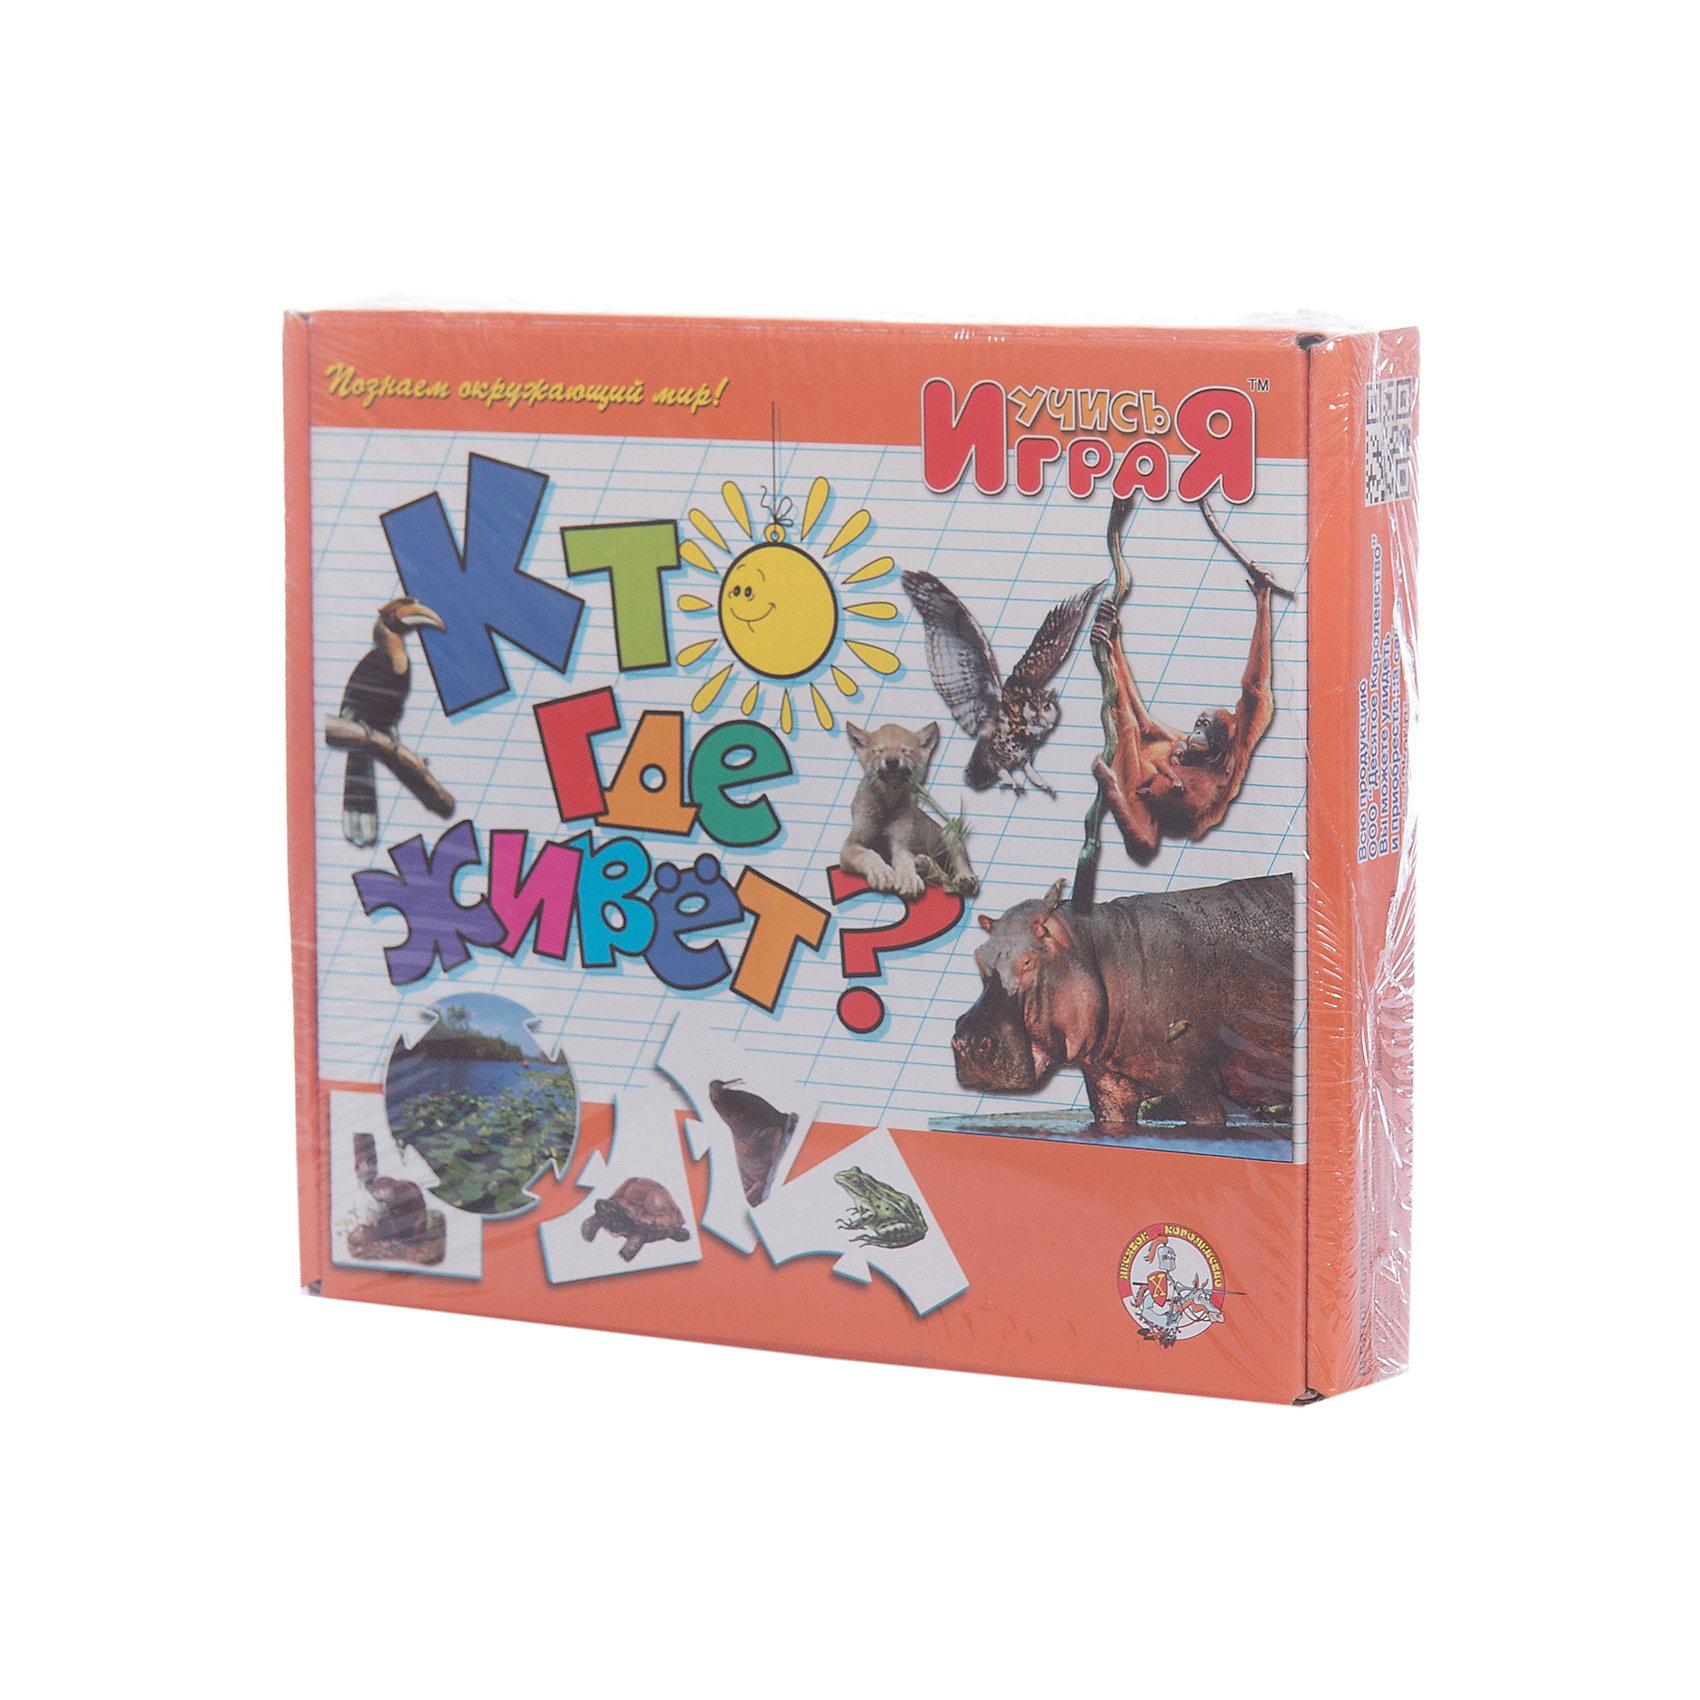 Игра обучающая  Кто где живет, Десятое королевствоОбучающие карточки<br>Игра обучающая Кто где живет, Десятое королевство<br><br>Характеристики:<br><br>• Возраст: от 3 лет<br>• Количество игроков: от 1 до 10<br>• В комплекте: 10 карточек заданий, 4 карточки с ответами<br><br>В этой увлекательной обучающей игре могут участвовать одновременно от 1 до 10 детей! В наборе содержатся 10 карточек-заданий, на которых изображены рисунки. К каждой необходимо найти 4 карточки-ответа, чтобы дополнить их содержание. В процессе игры дети работают над мелкой моторикой и расширяют свои знания и представления об окружающем мире.<br><br>Игра обучающая Кто где живет, Десятое королевство можно купить в нашем интернет-магазине.<br><br>Ширина мм: 230<br>Глубина мм: 200<br>Высота мм: 35<br>Вес г: 240<br>Возраст от месяцев: 84<br>Возраст до месяцев: 2147483647<br>Пол: Унисекс<br>Возраст: Детский<br>SKU: 5471695